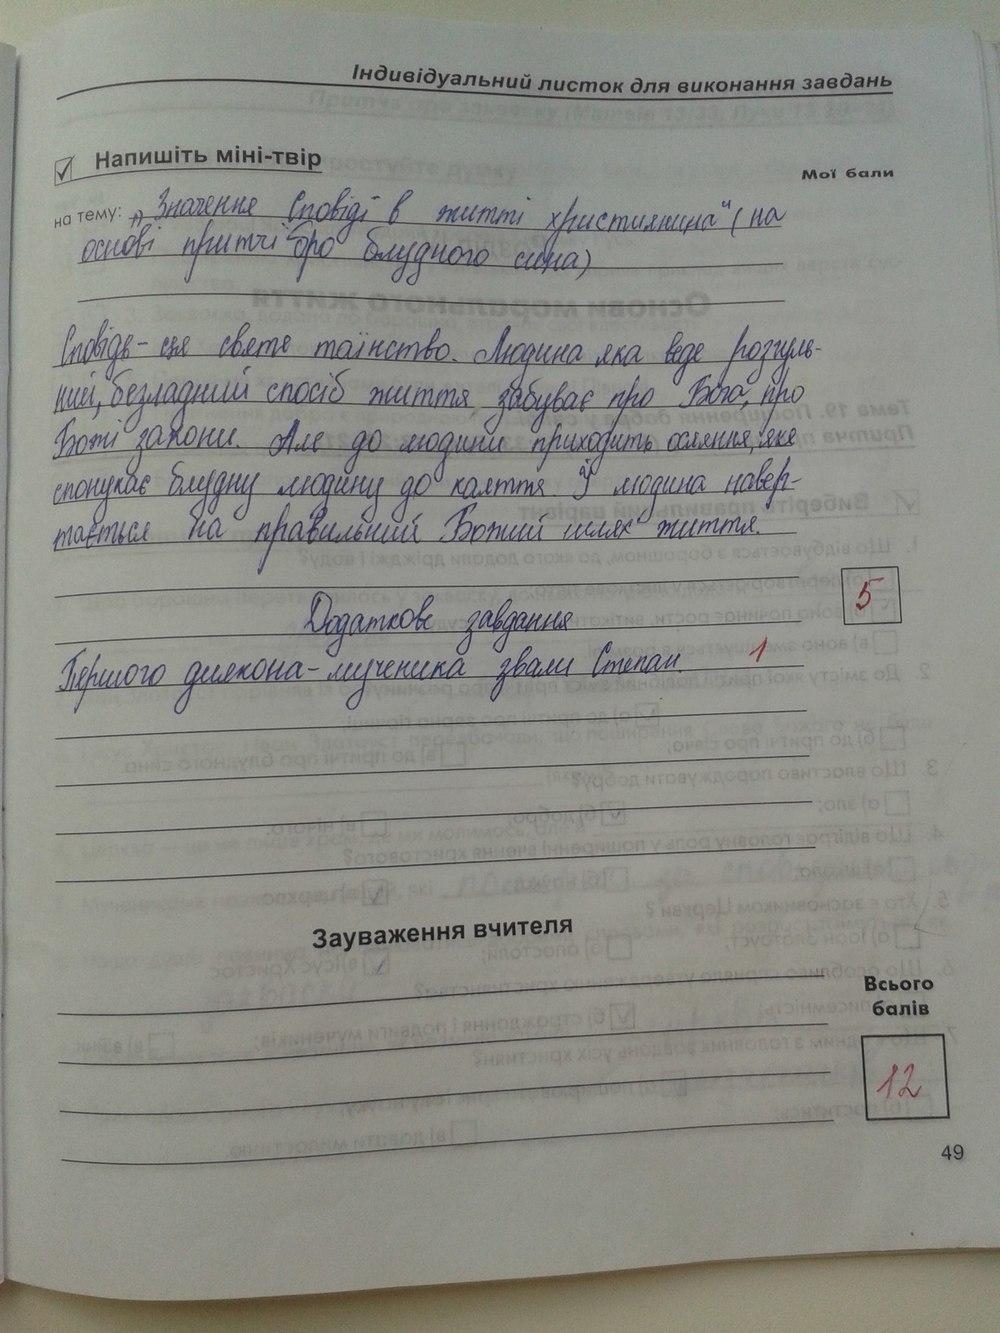 ГДЗ відповіді робочий зошит по этике 6 класс Г.О. Кізілова. Задание: стр. 49